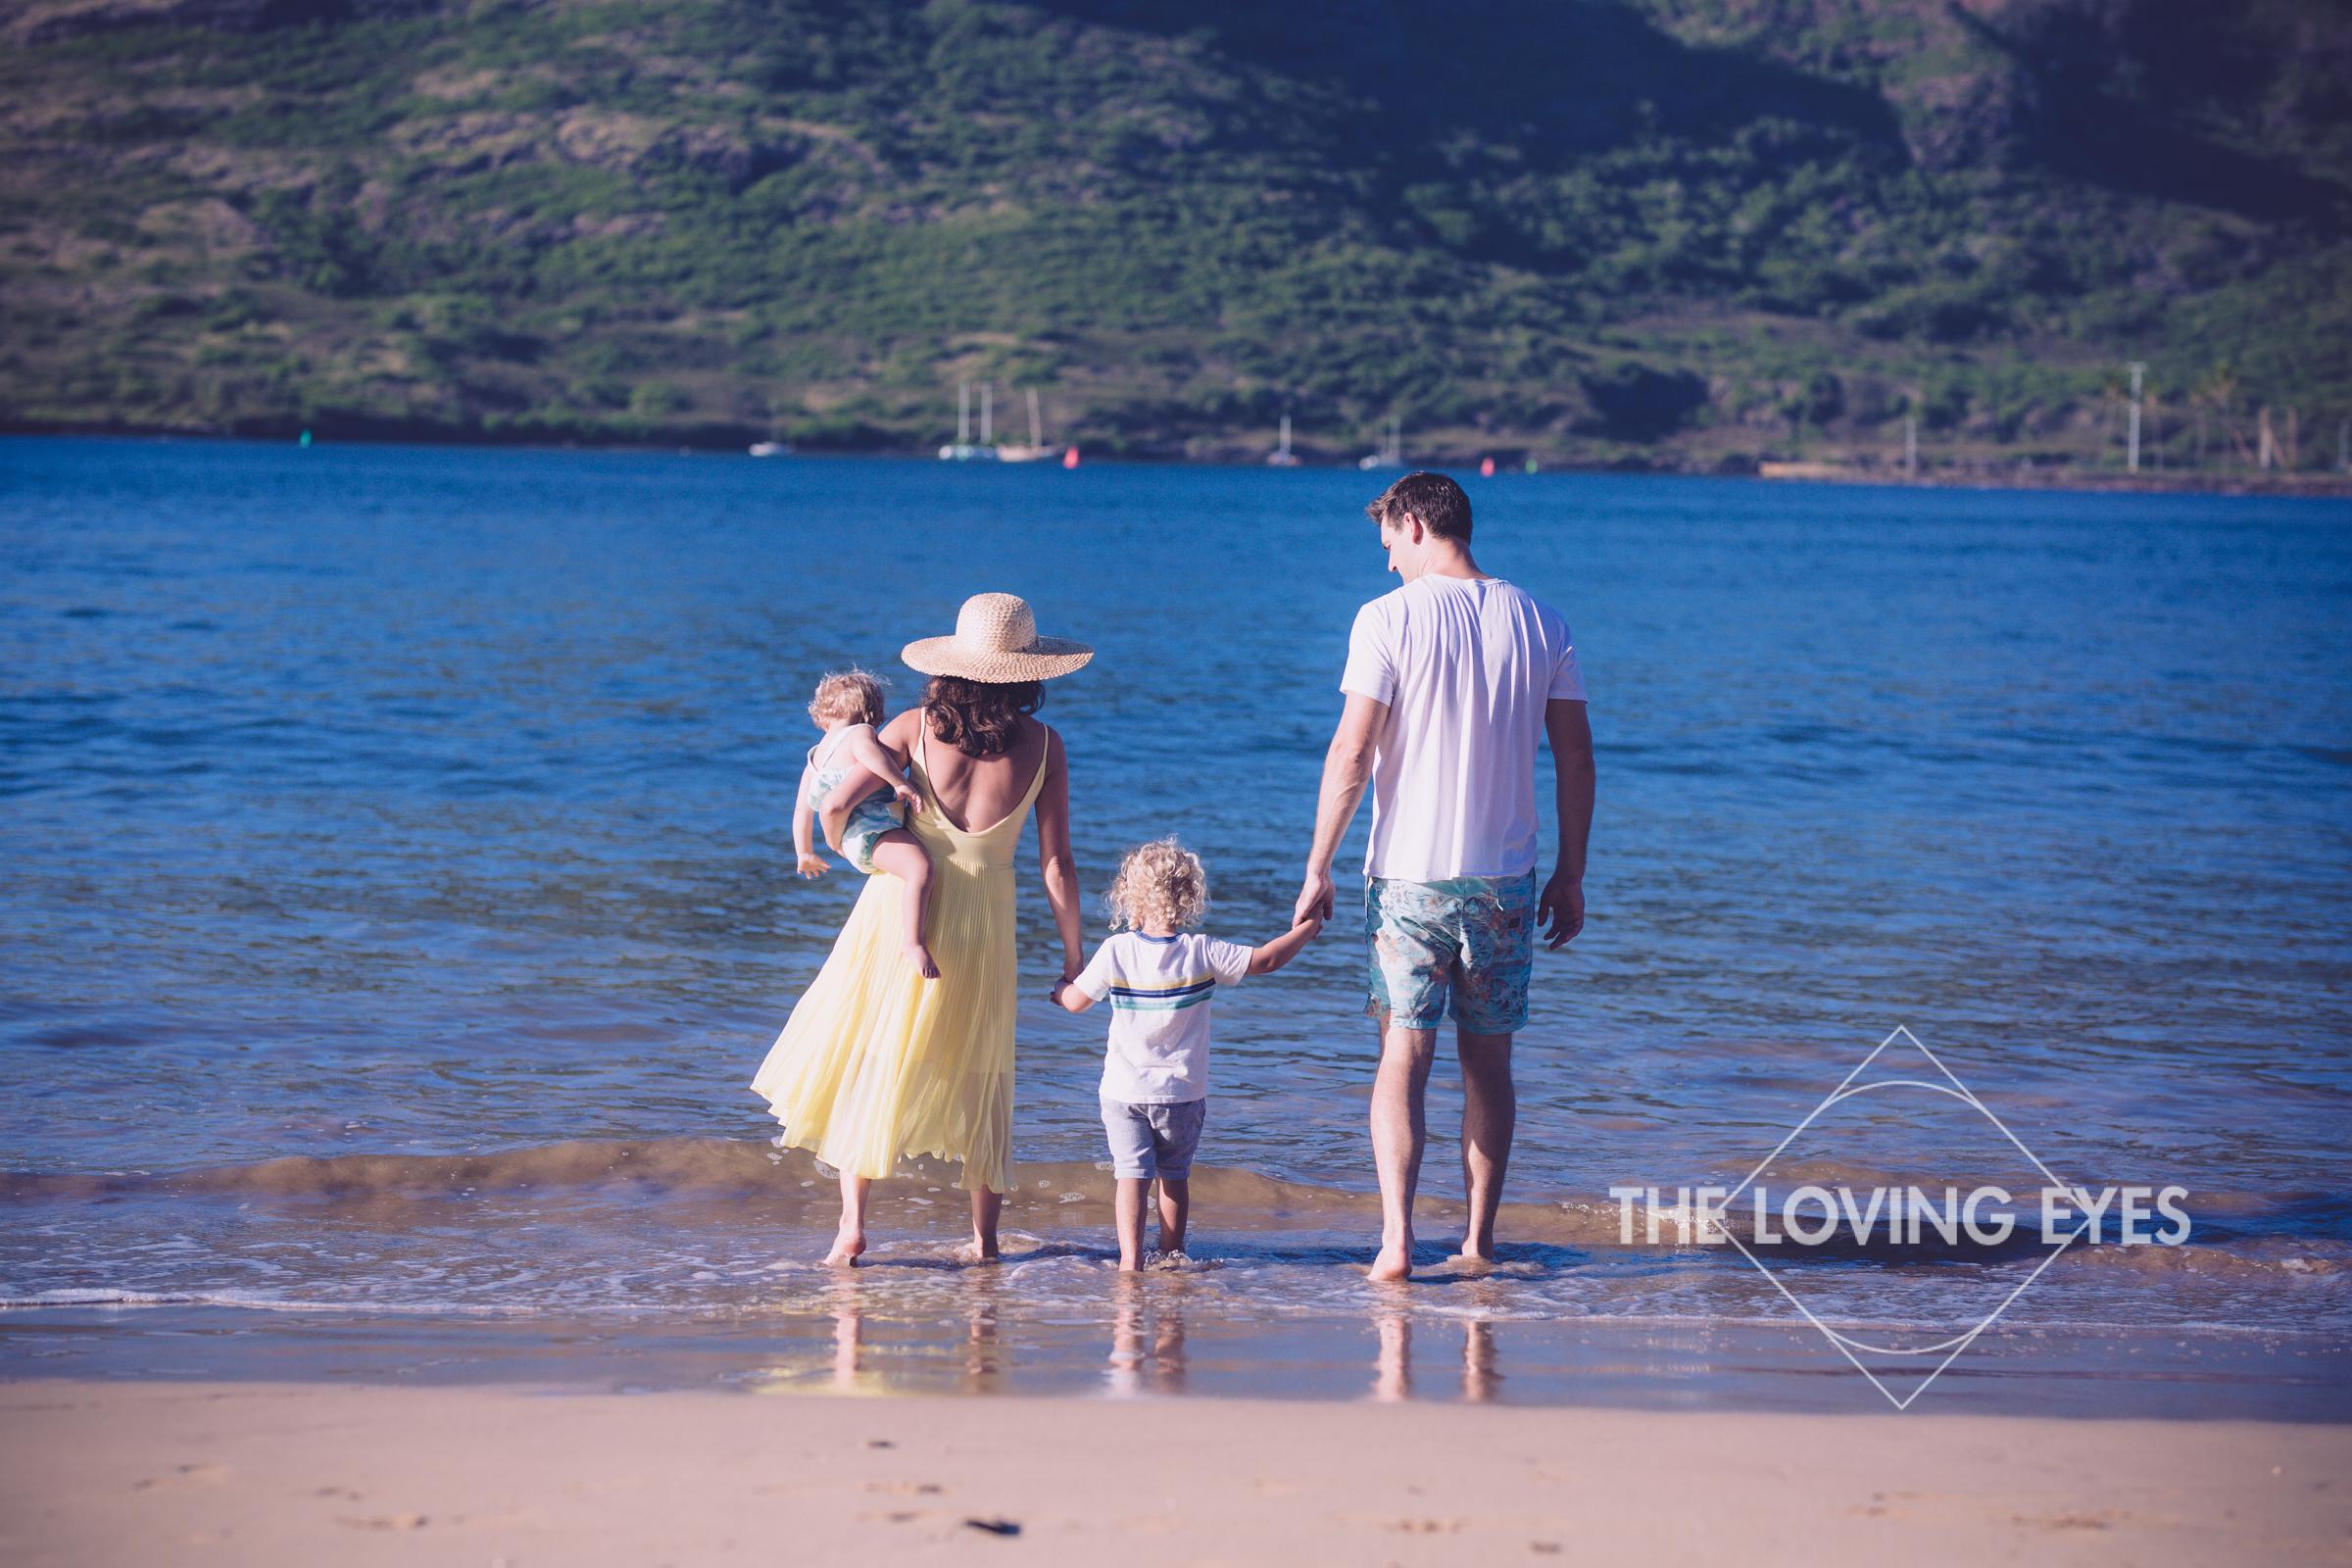 Kauai-Family-Vacation-Beach-Photos-13.jpg